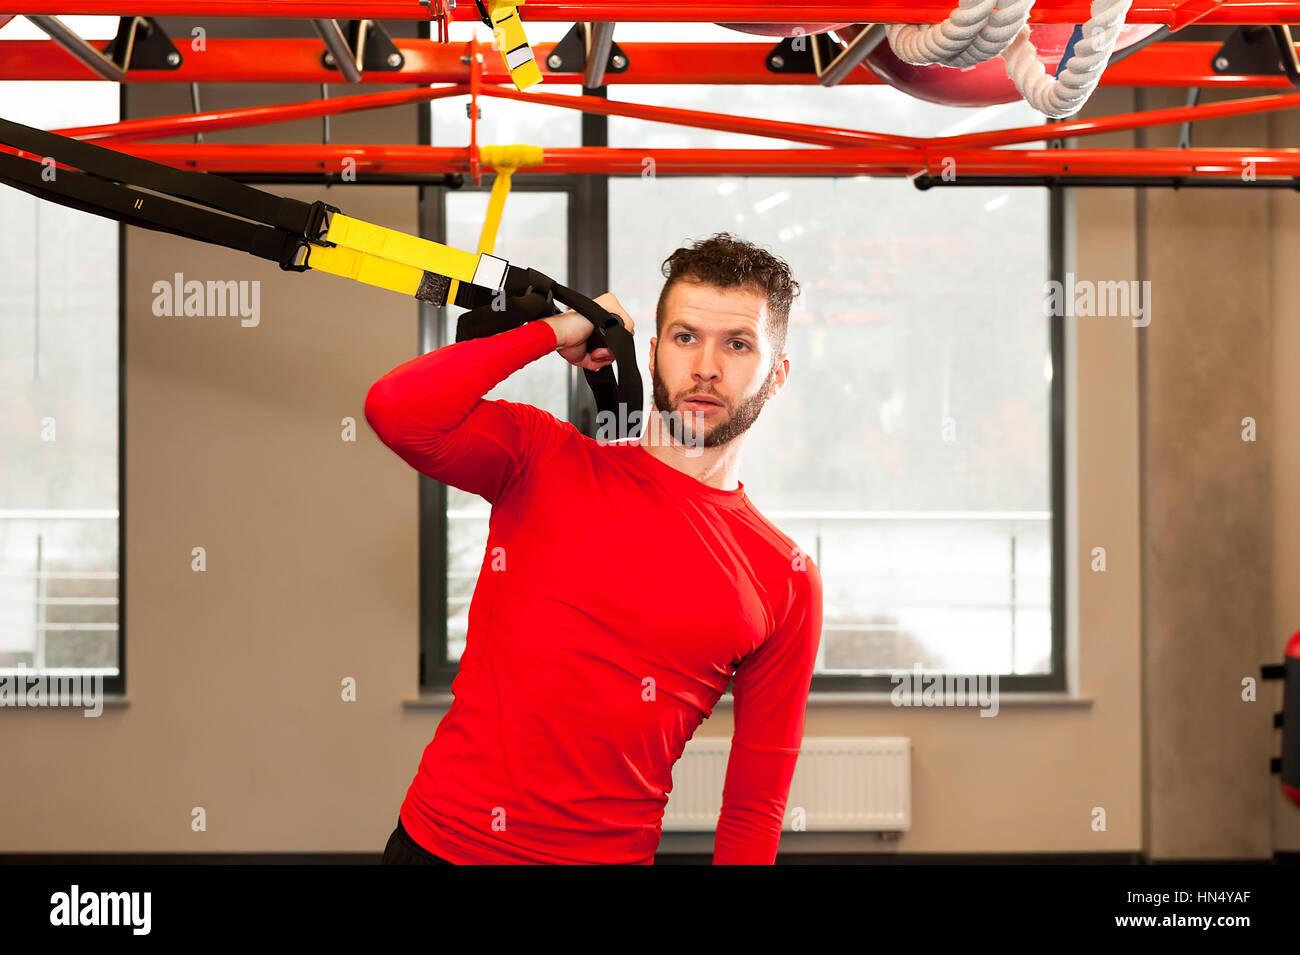 Formation TRX. Instructeur Crossfit au gym faire Excersise TRX. Homme Fitness workout sur les anneaux. Homme remise Photo Stock